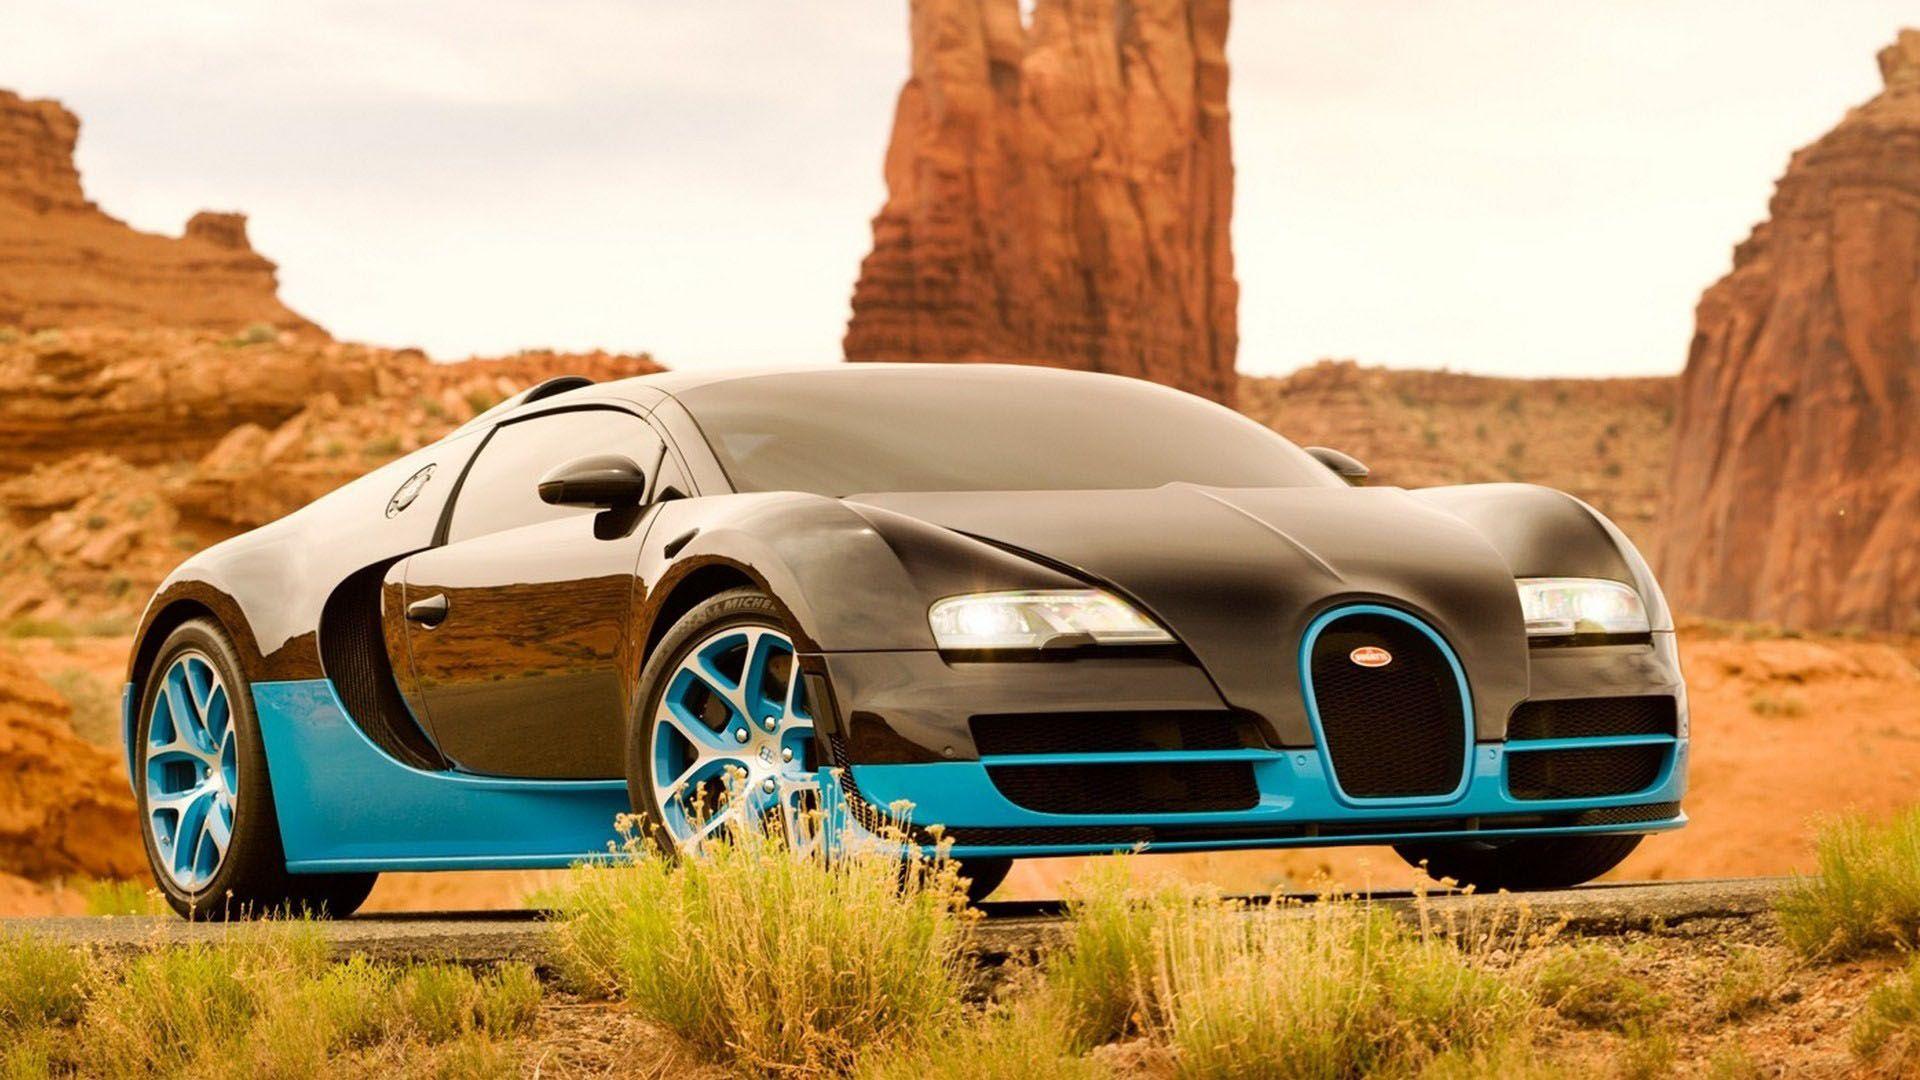 2adbae2763659b3dcc48e86e5d5514ec Astounding Xe Bugatti Veyron Grand Sport Vitesse Cars Trend